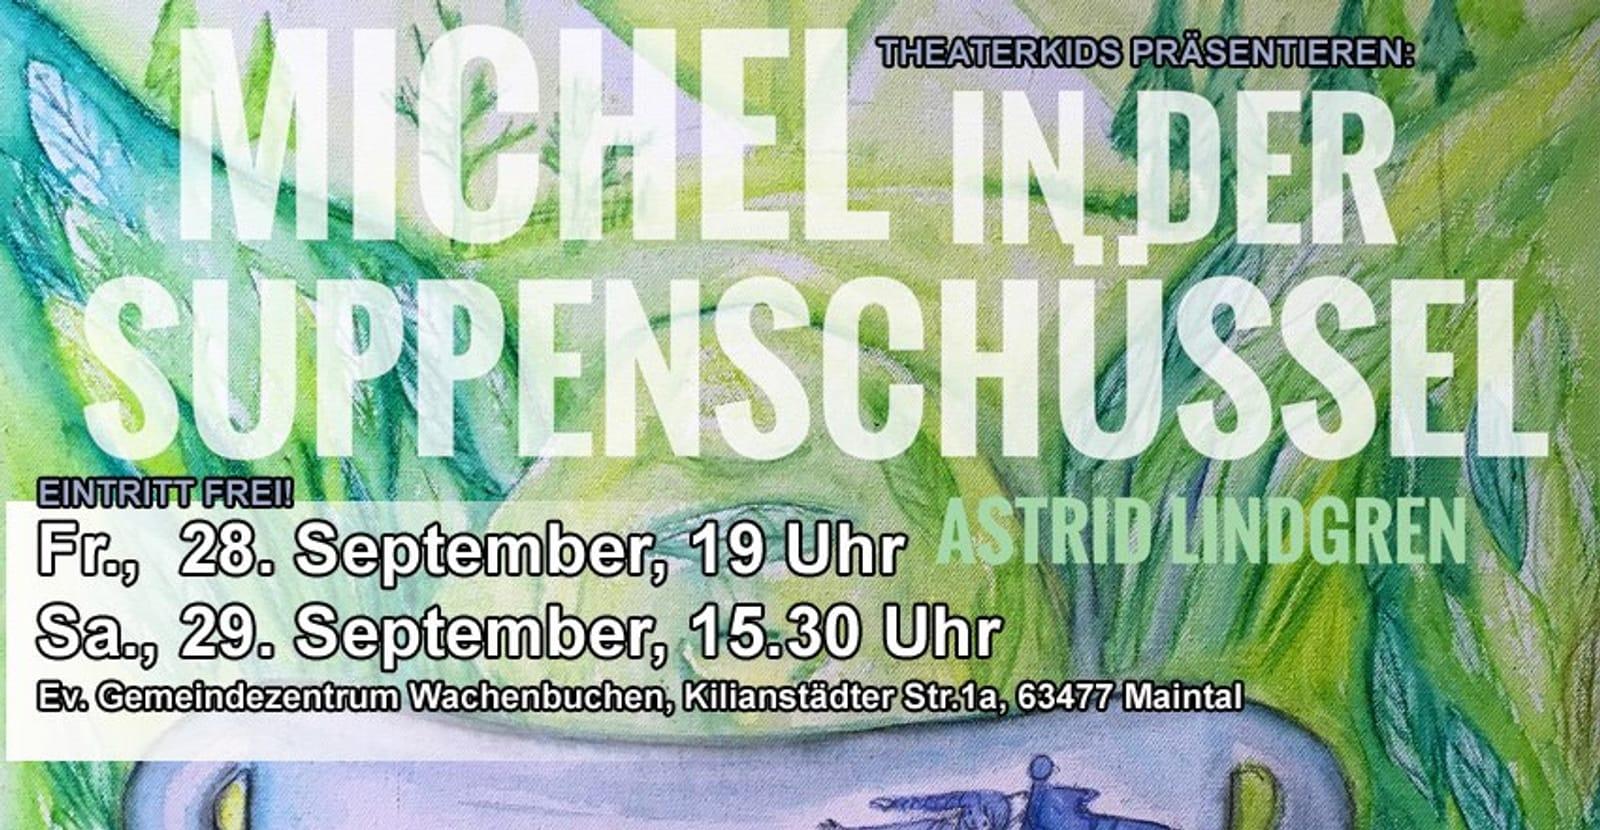 Michel in der Suppenschüssel (TheaterKids)